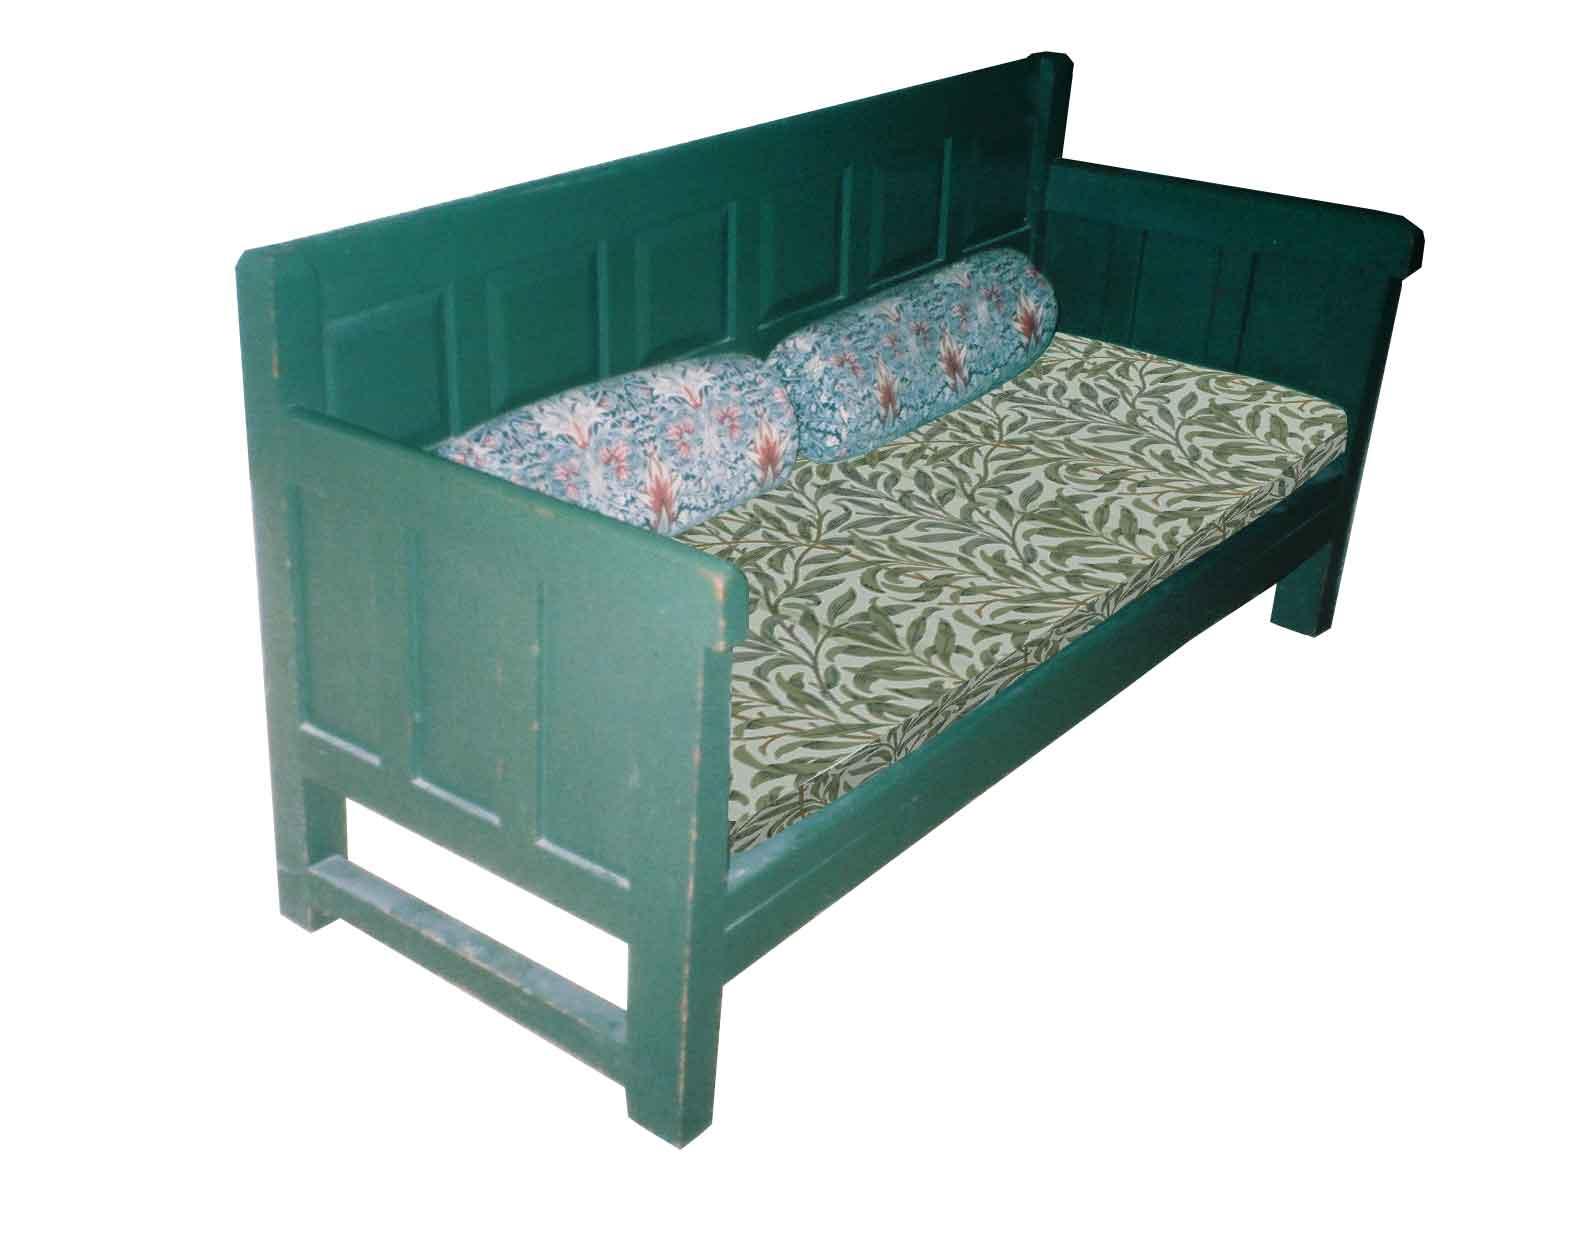 William Morris Furniture Designs Dreamhomeideazcom